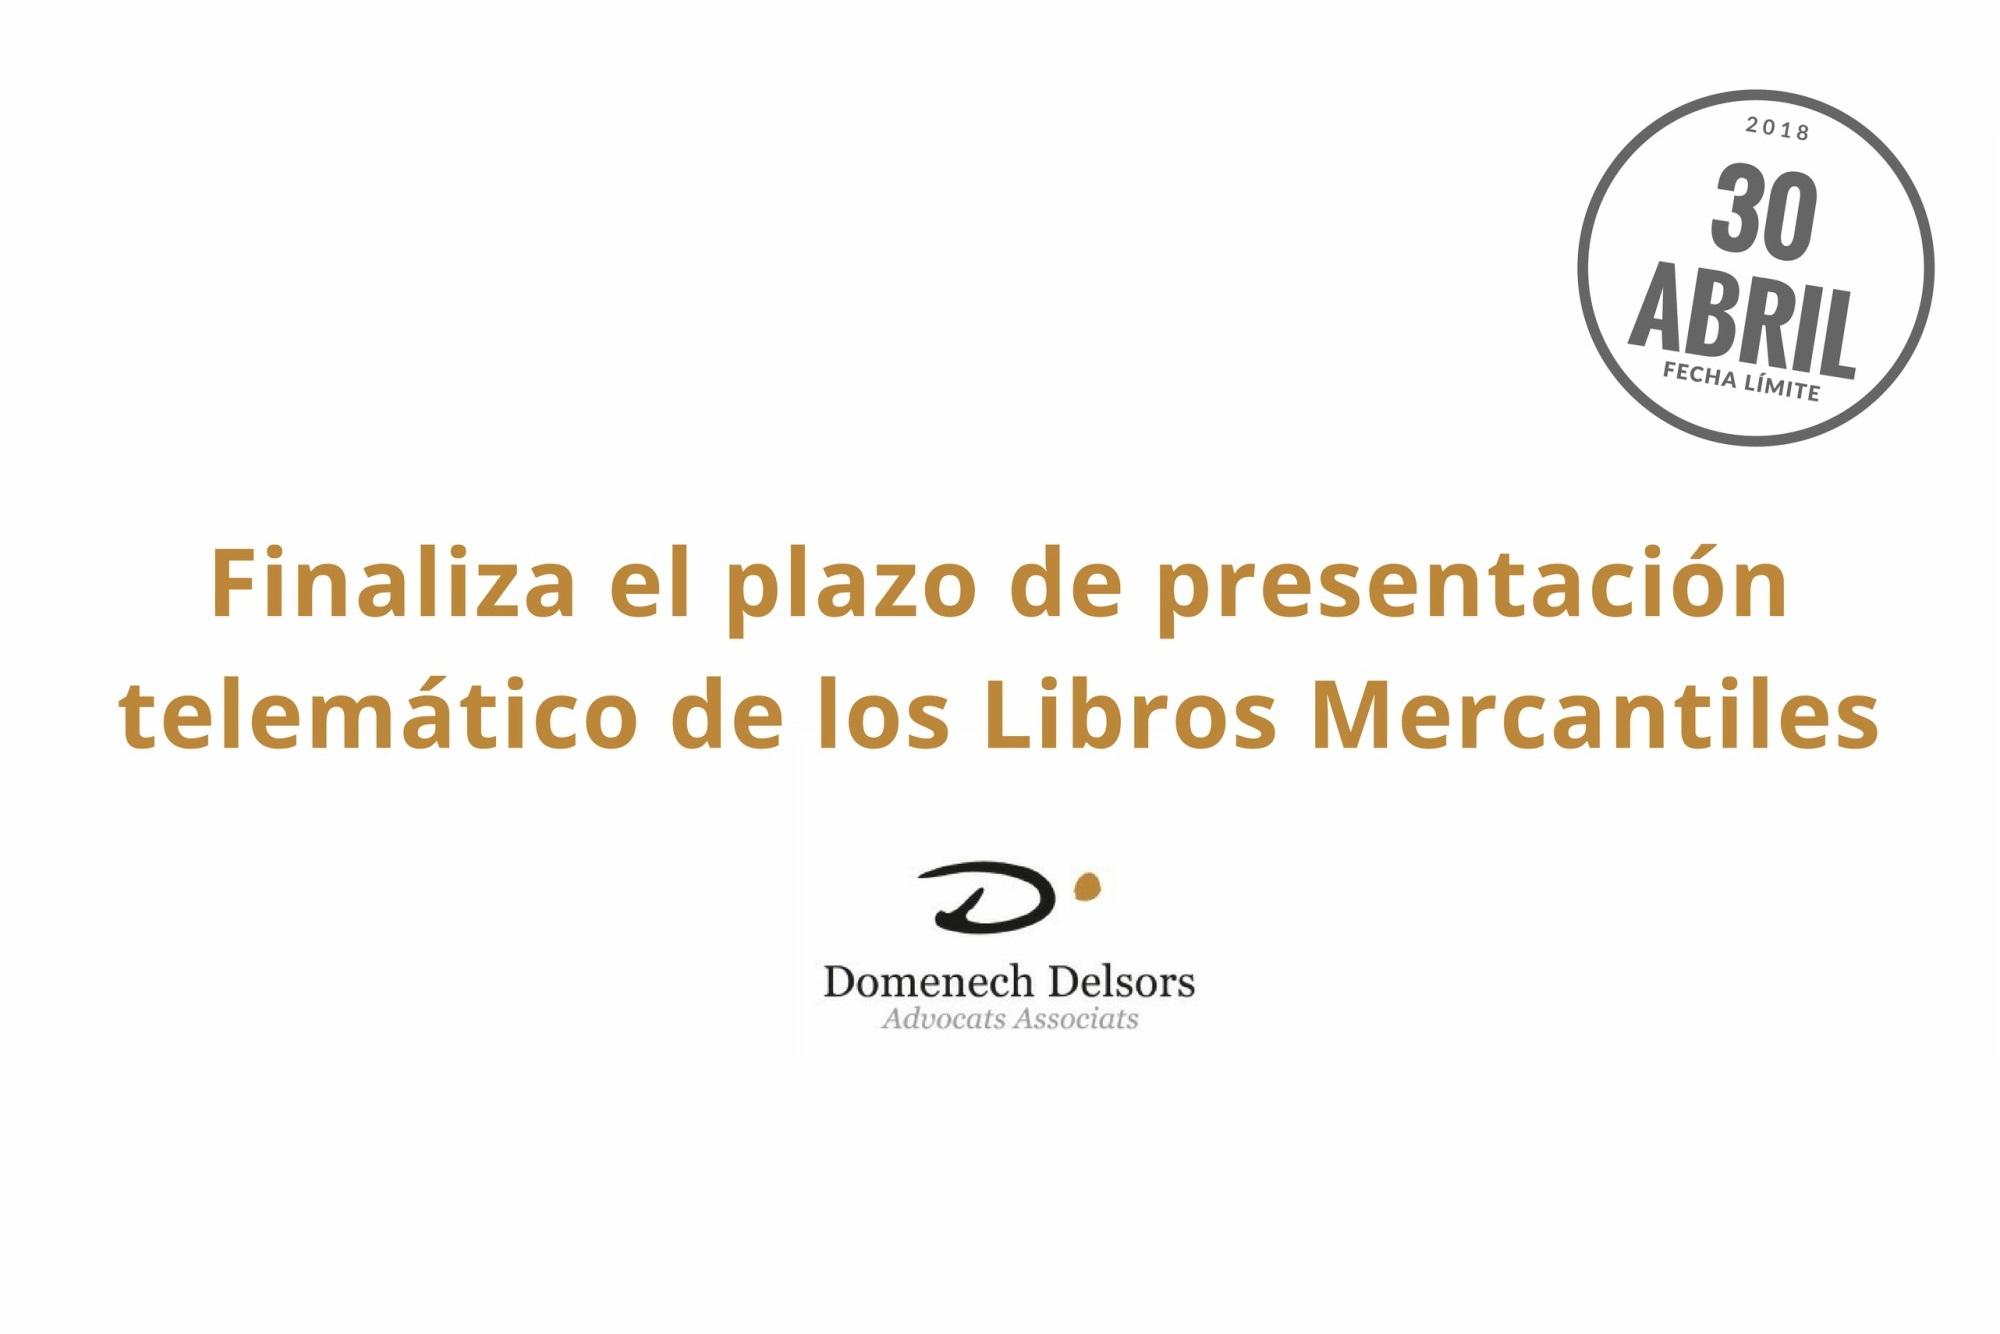 30 De Abril 2018: Finaliza El Plazo De Presentación Telemático De Los Libros Mercantiles.